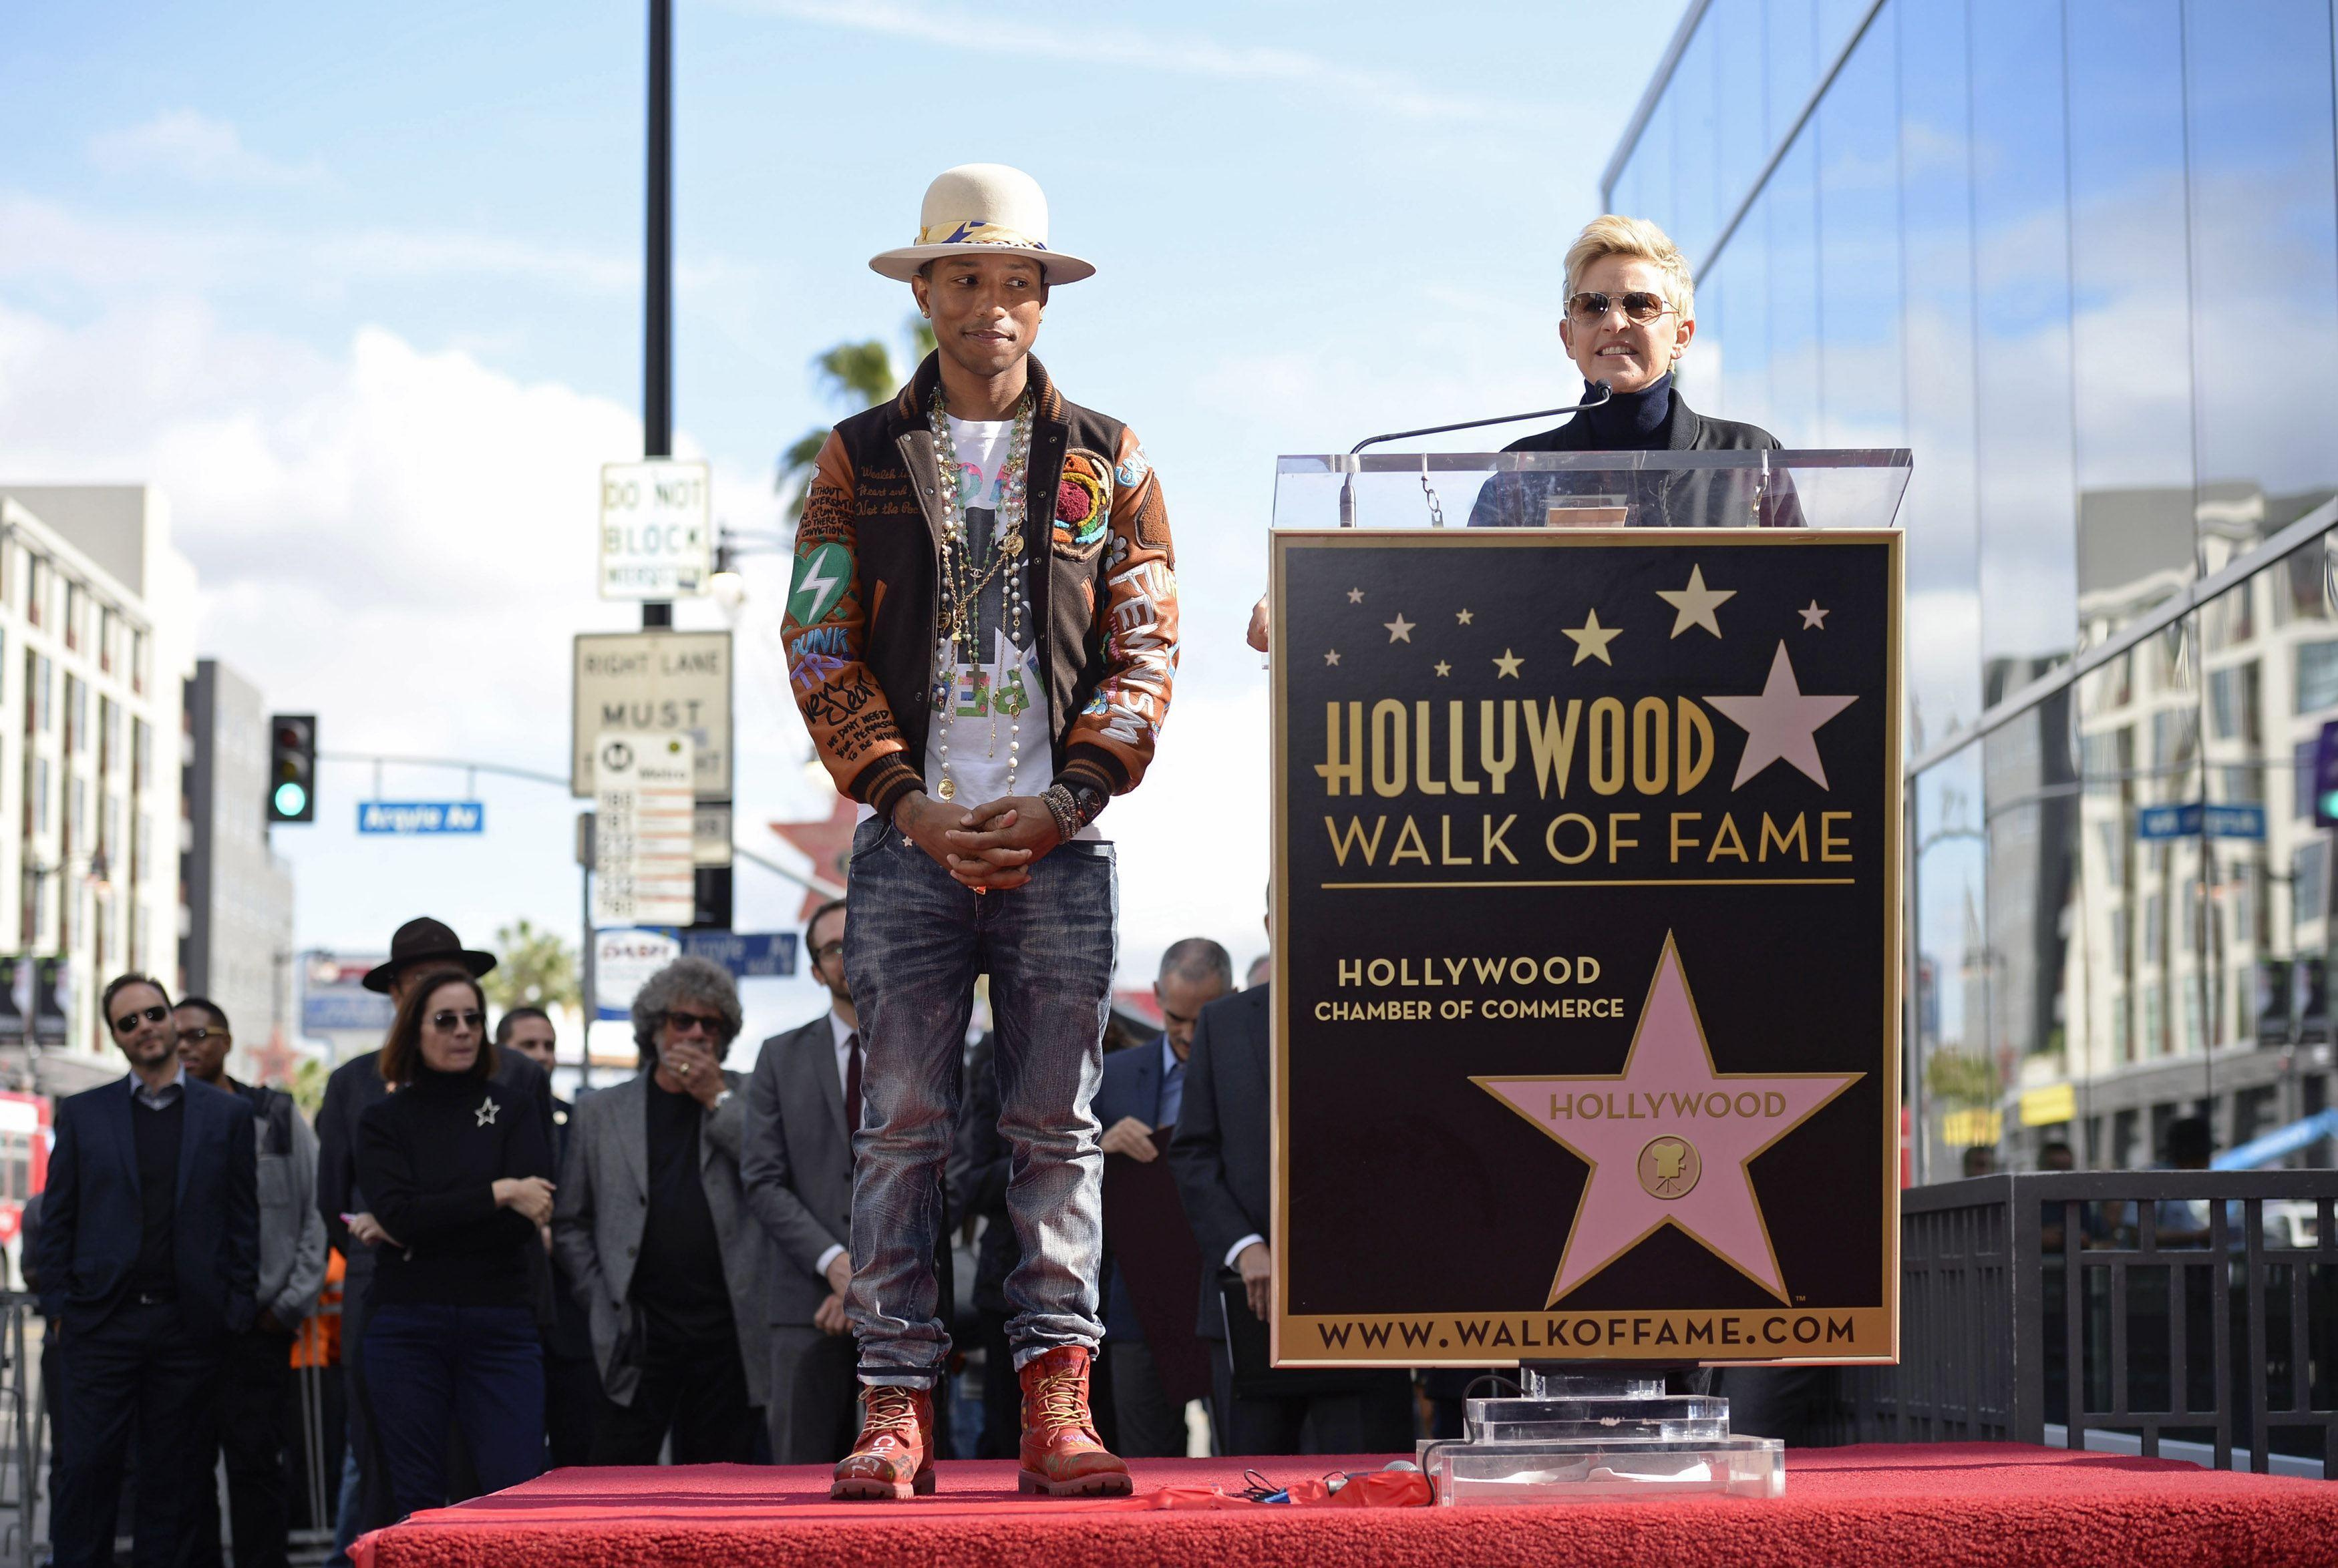 Фаррел Уильямс открыл собственную звезду на Аллее славы: опубликованы фото